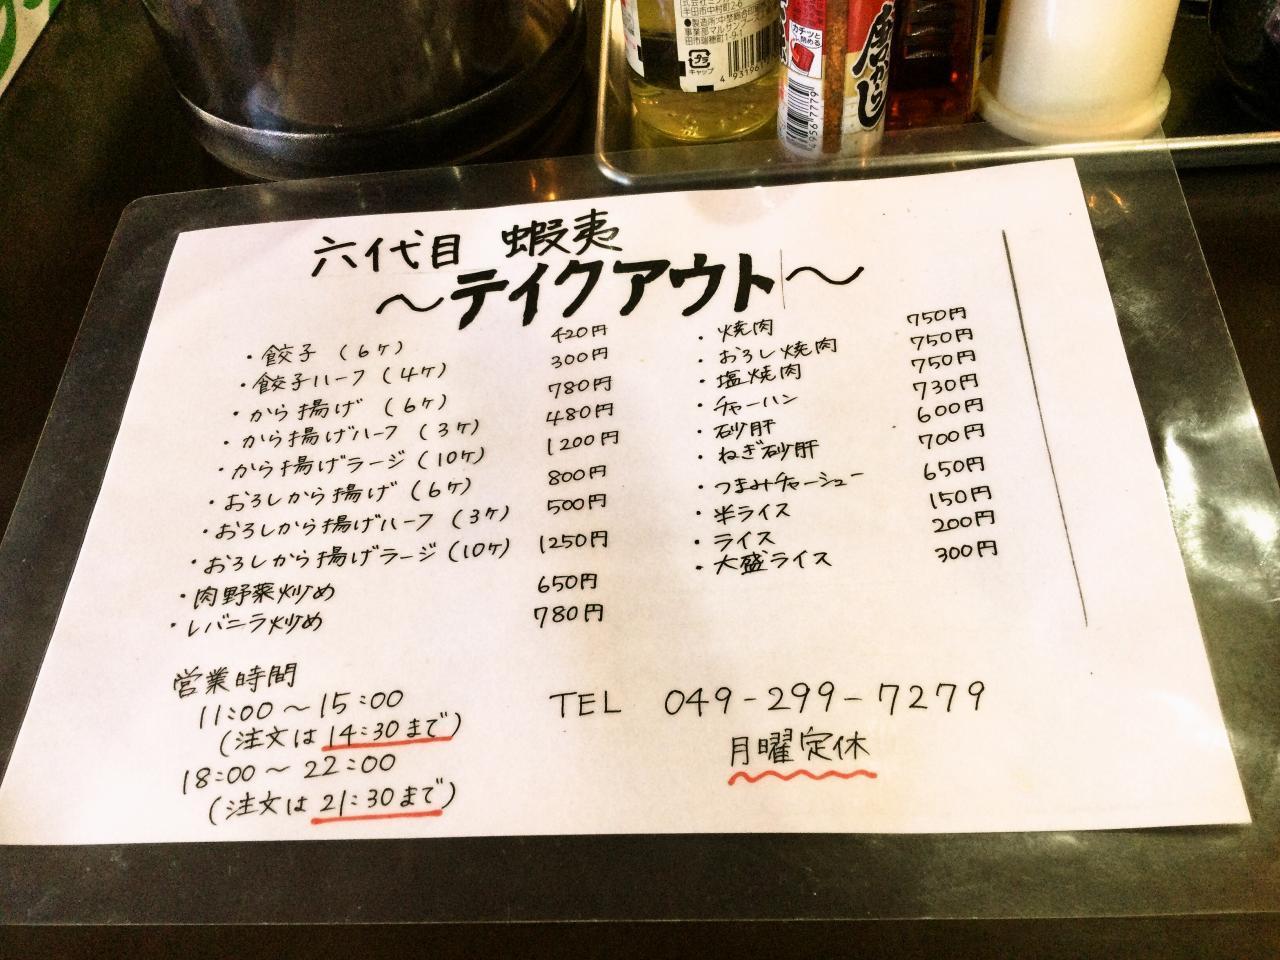 六代目 蝦夷(メニュー)